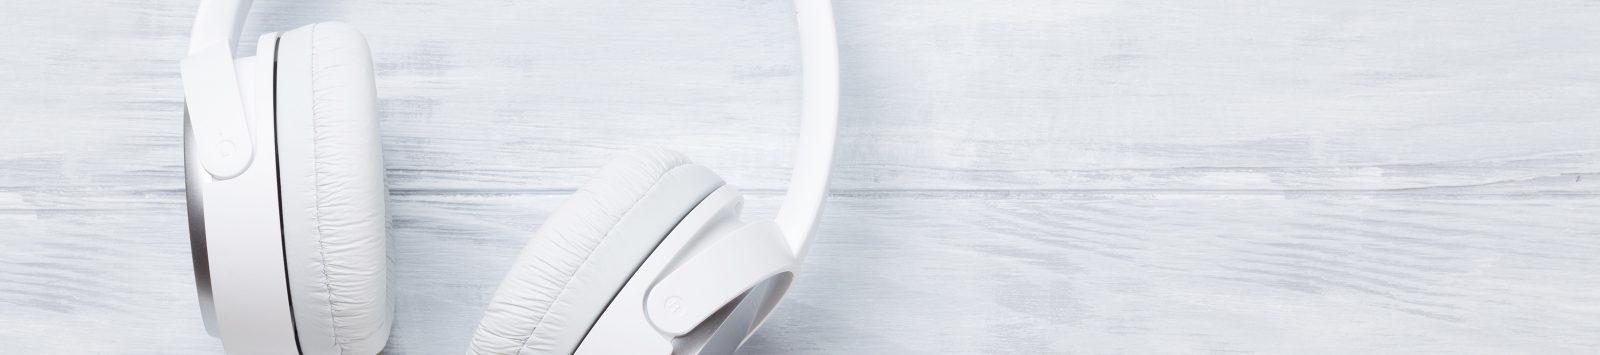 Gutes für die Ohren - Sendungen als Audiodateien